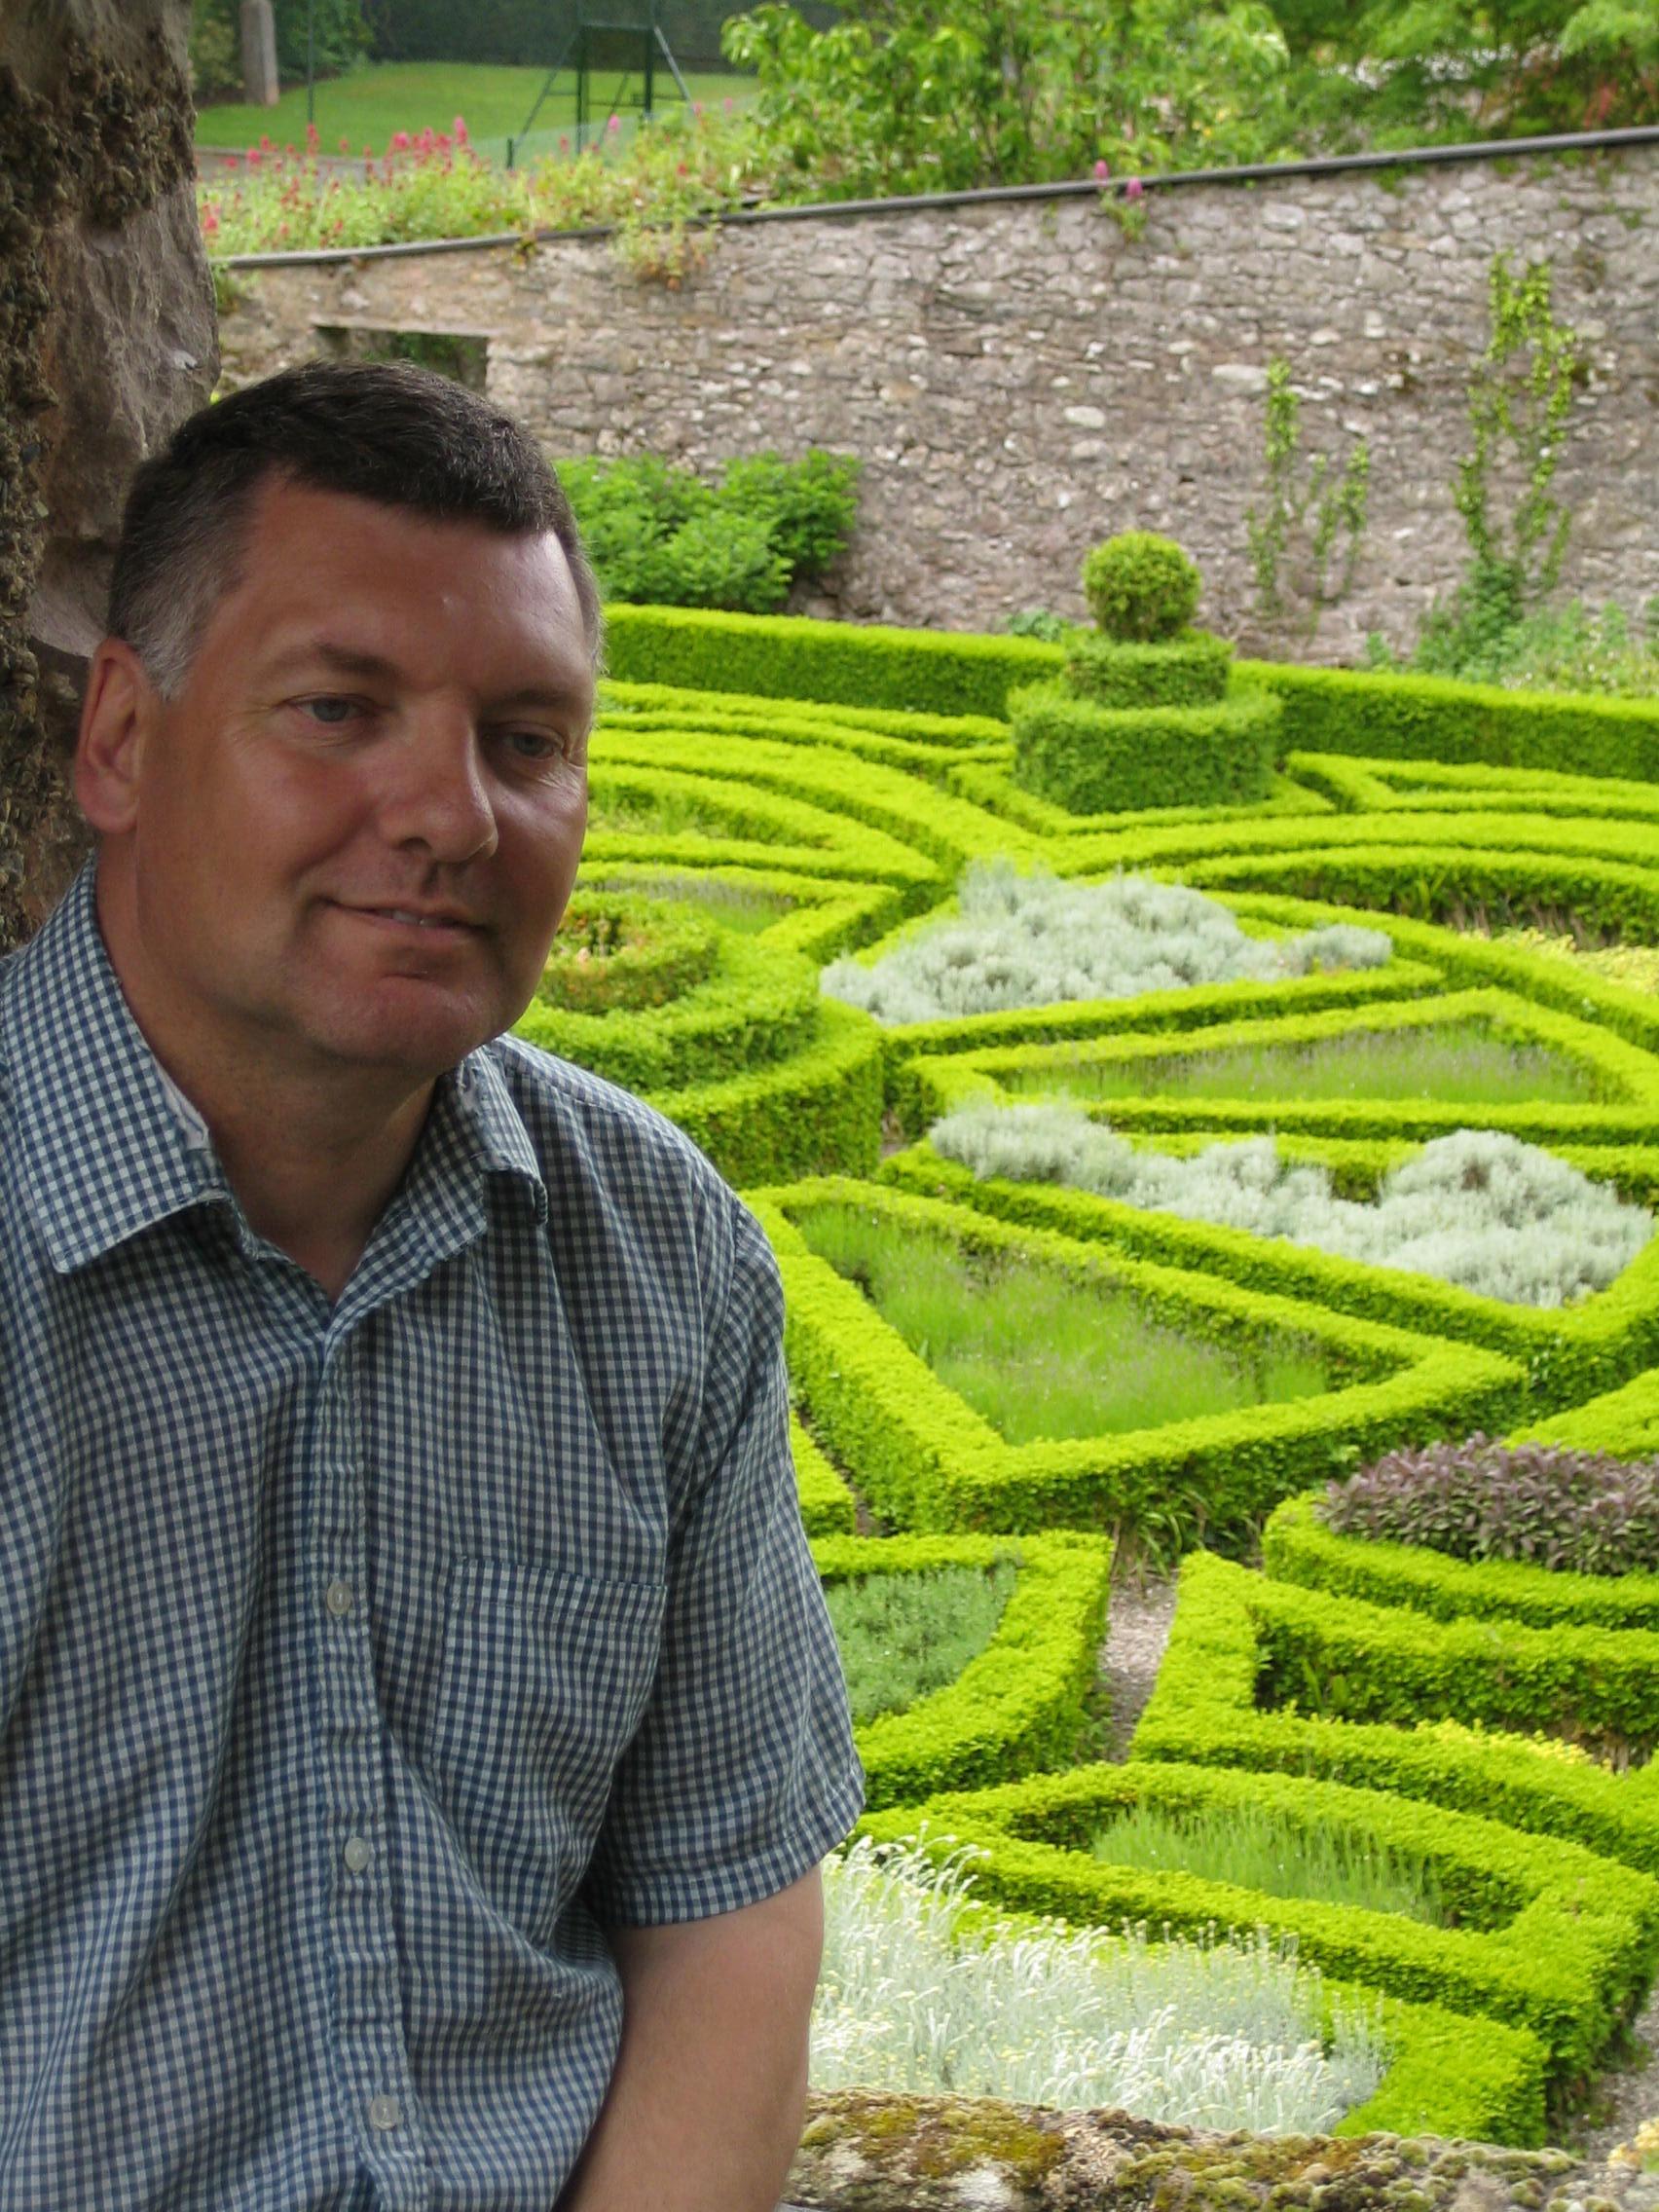 Robert Owen, Head Gardener